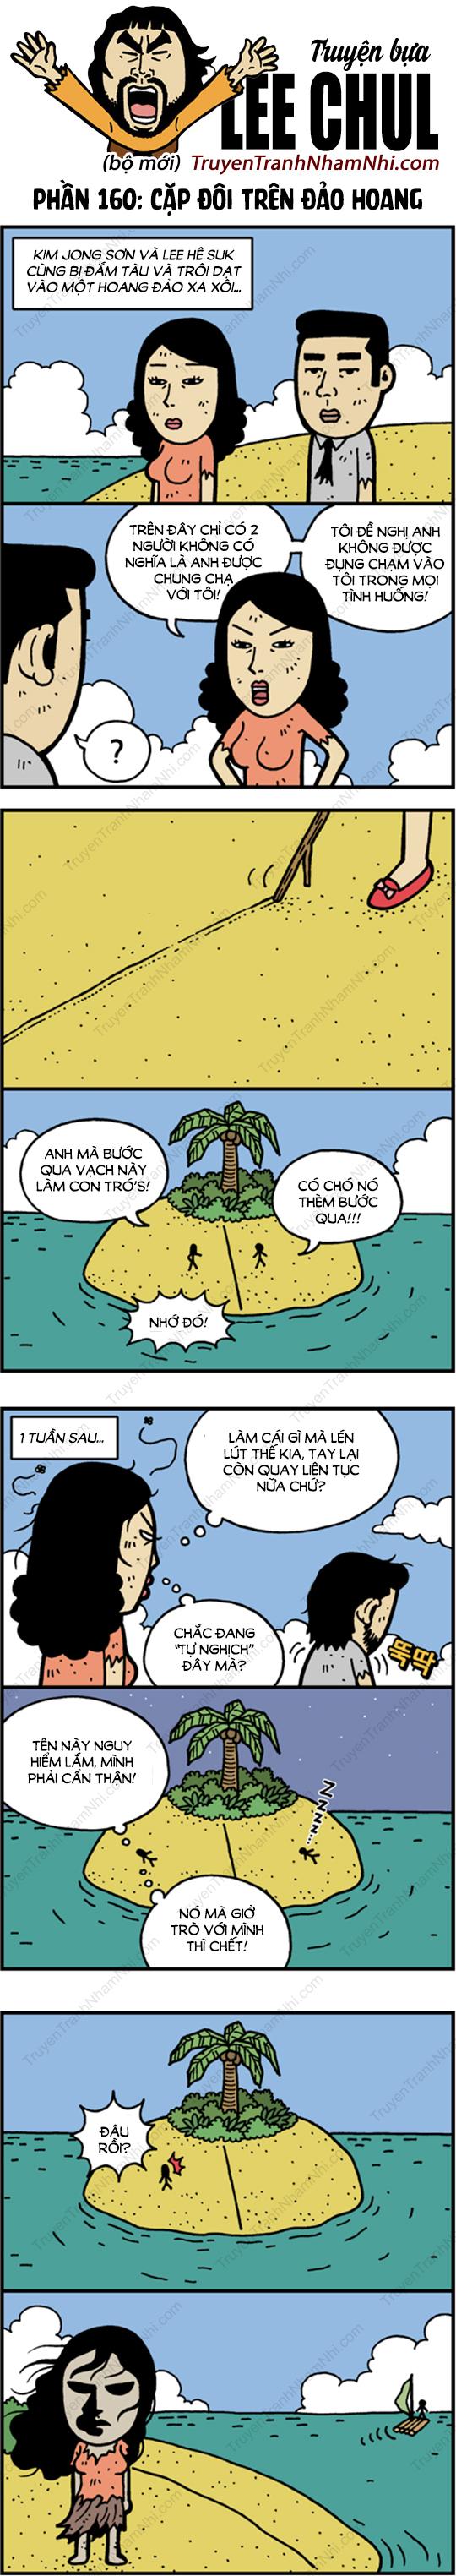 Lee Chul (bộ mới) phần 160: Cặp đôi trên đảo hoang